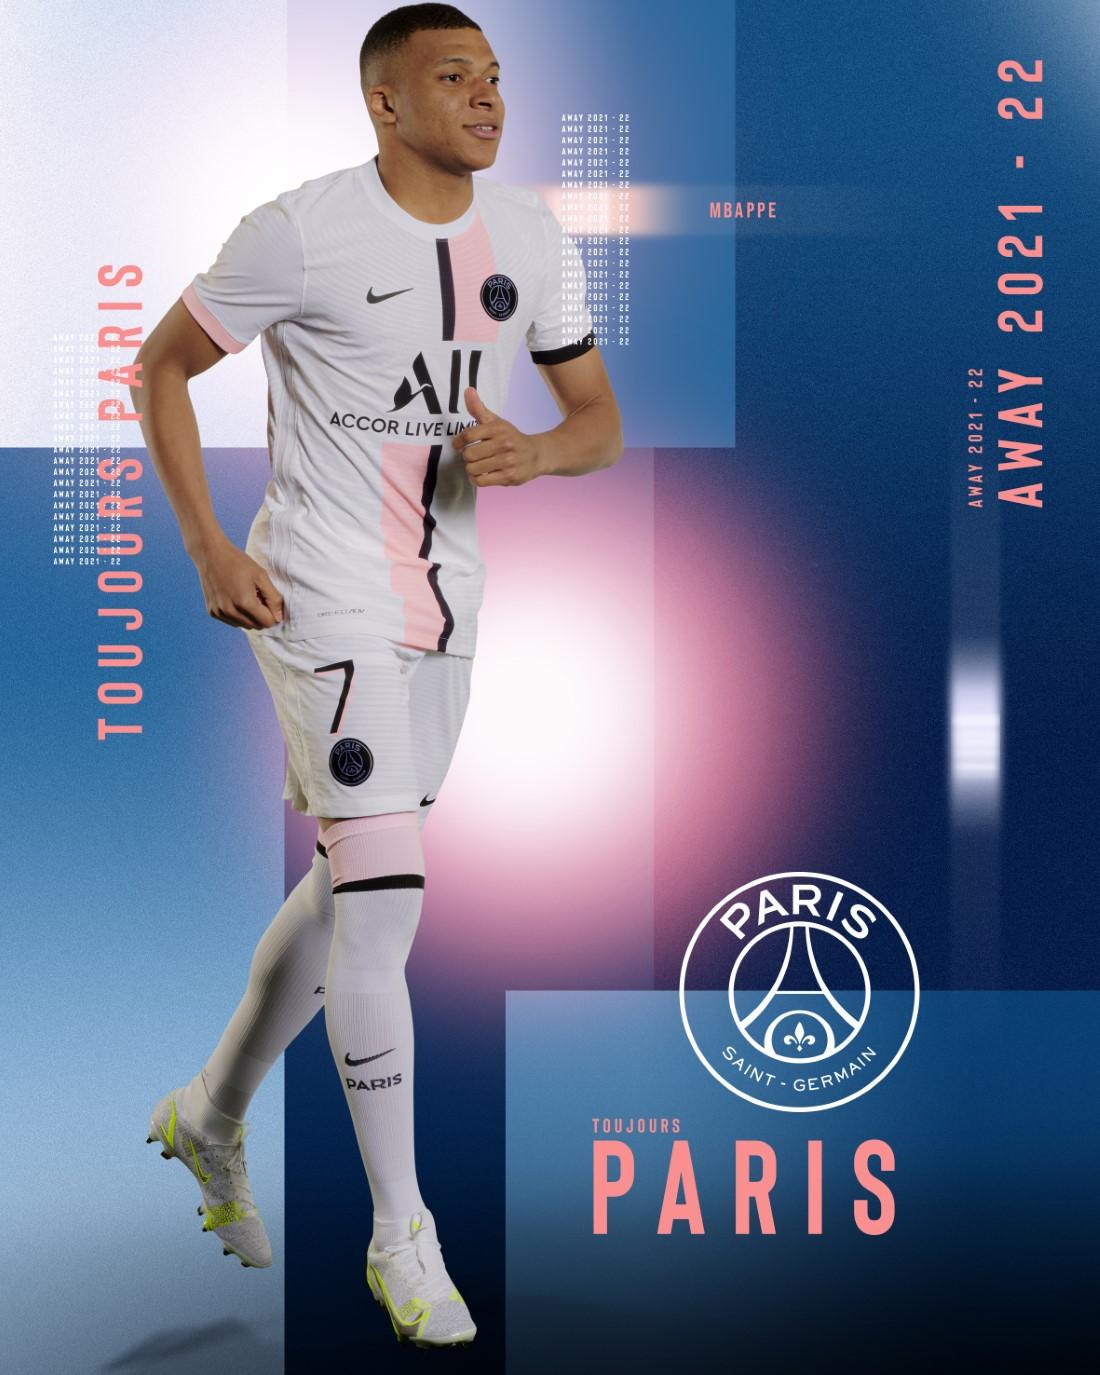 Paris Saint-Germain Maillot Extérieur 2021-22 - MBappé